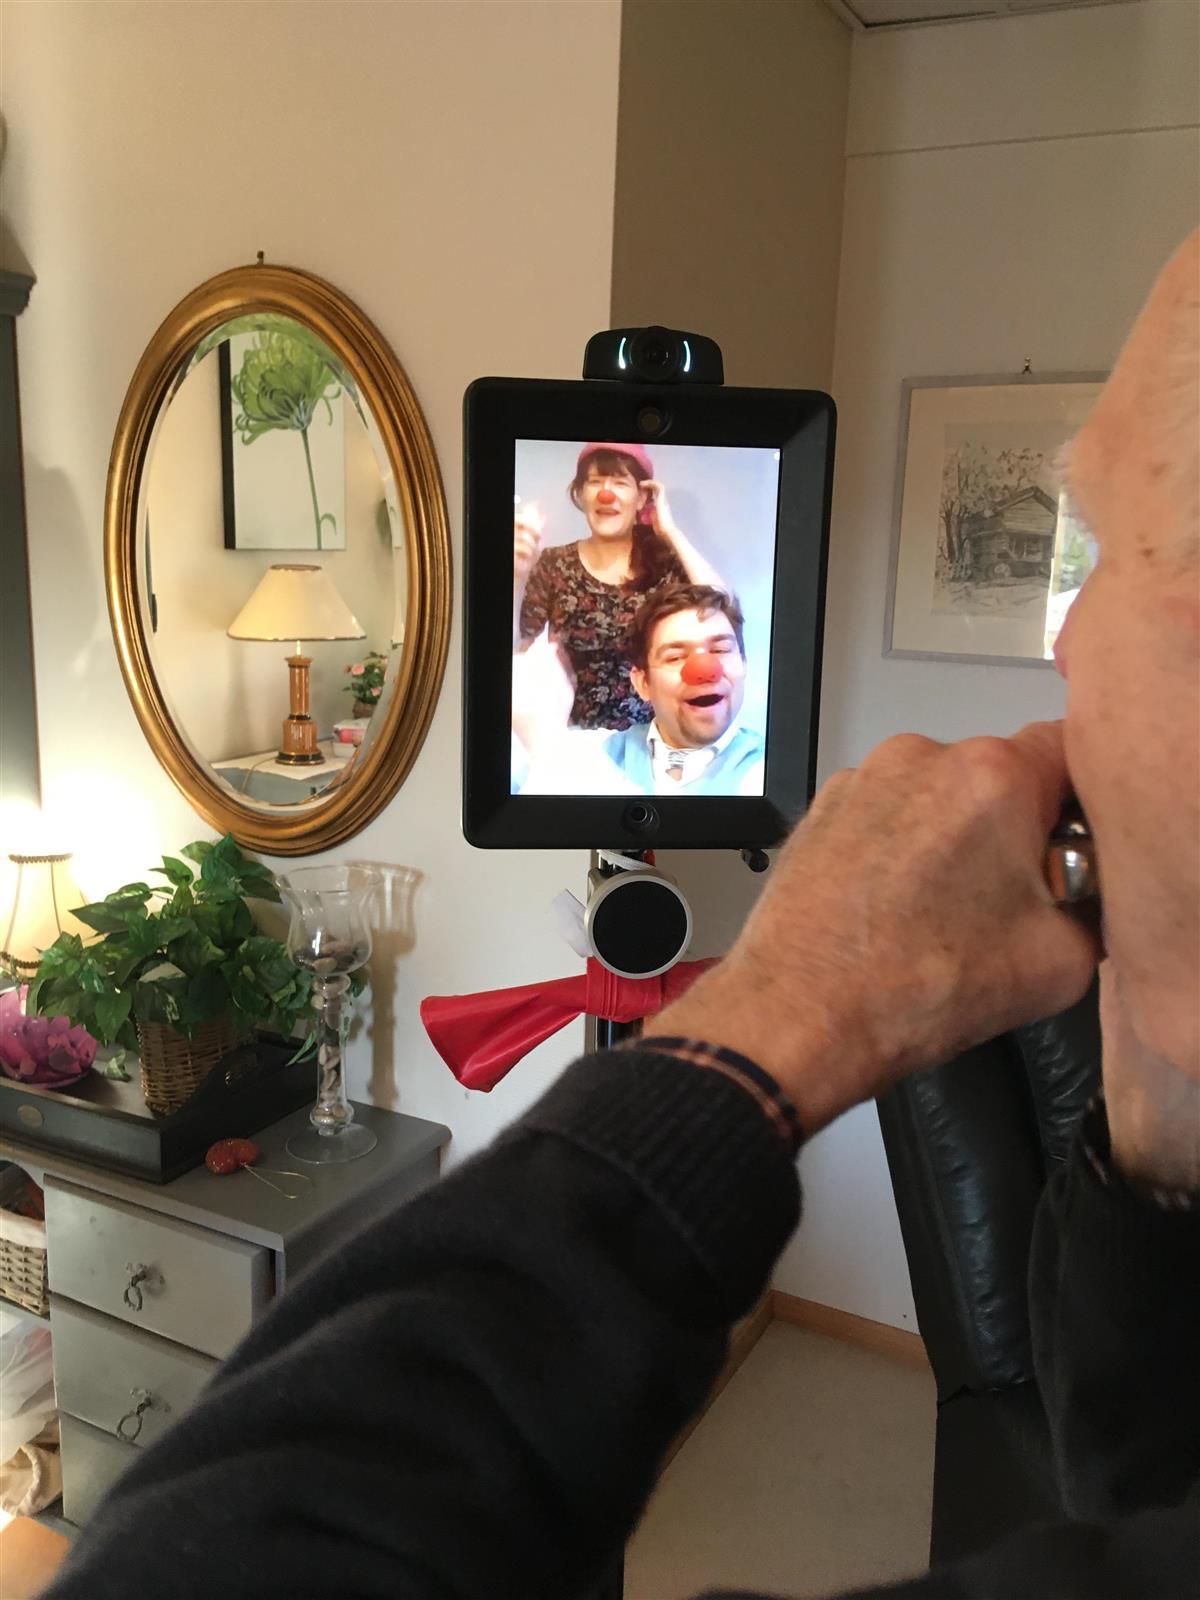 Robot aktiviserer og gir digital omsorg til mennesker med demens - Viken fylkeskommune